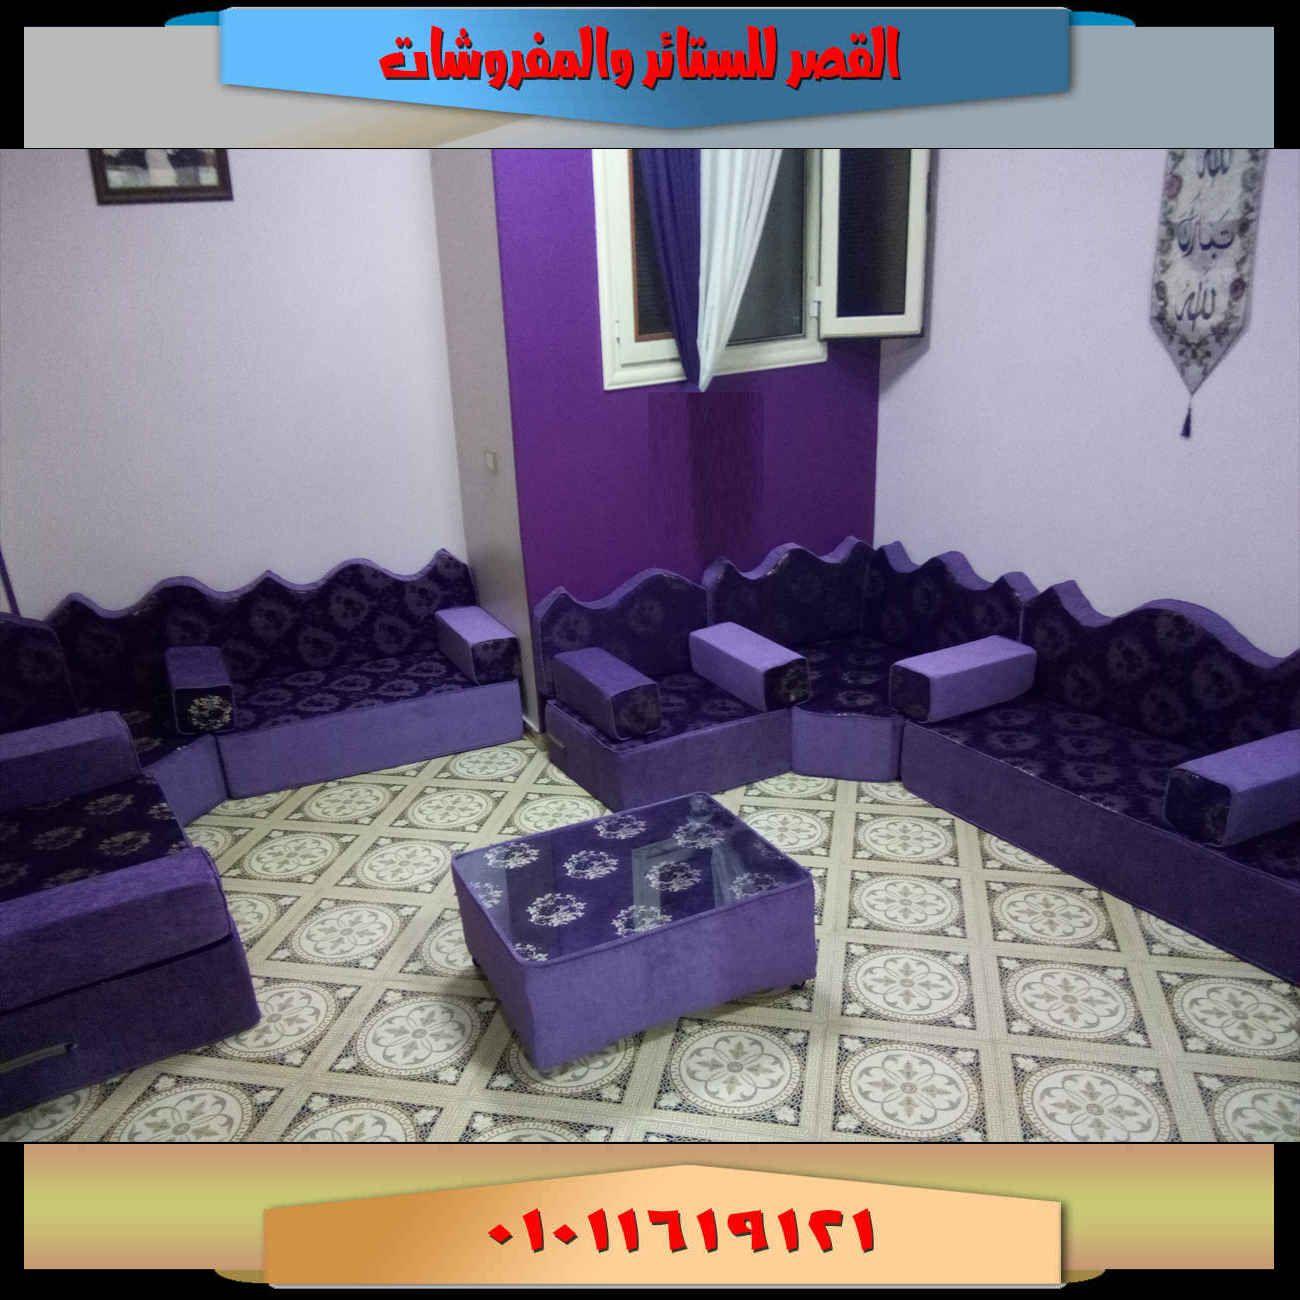 قعدة عربي مجلس عربي جلسة عربي موف حديثة من أحدث تصميمنا وانتاجنا Toddler Bed Home Decor Kotatsu Table